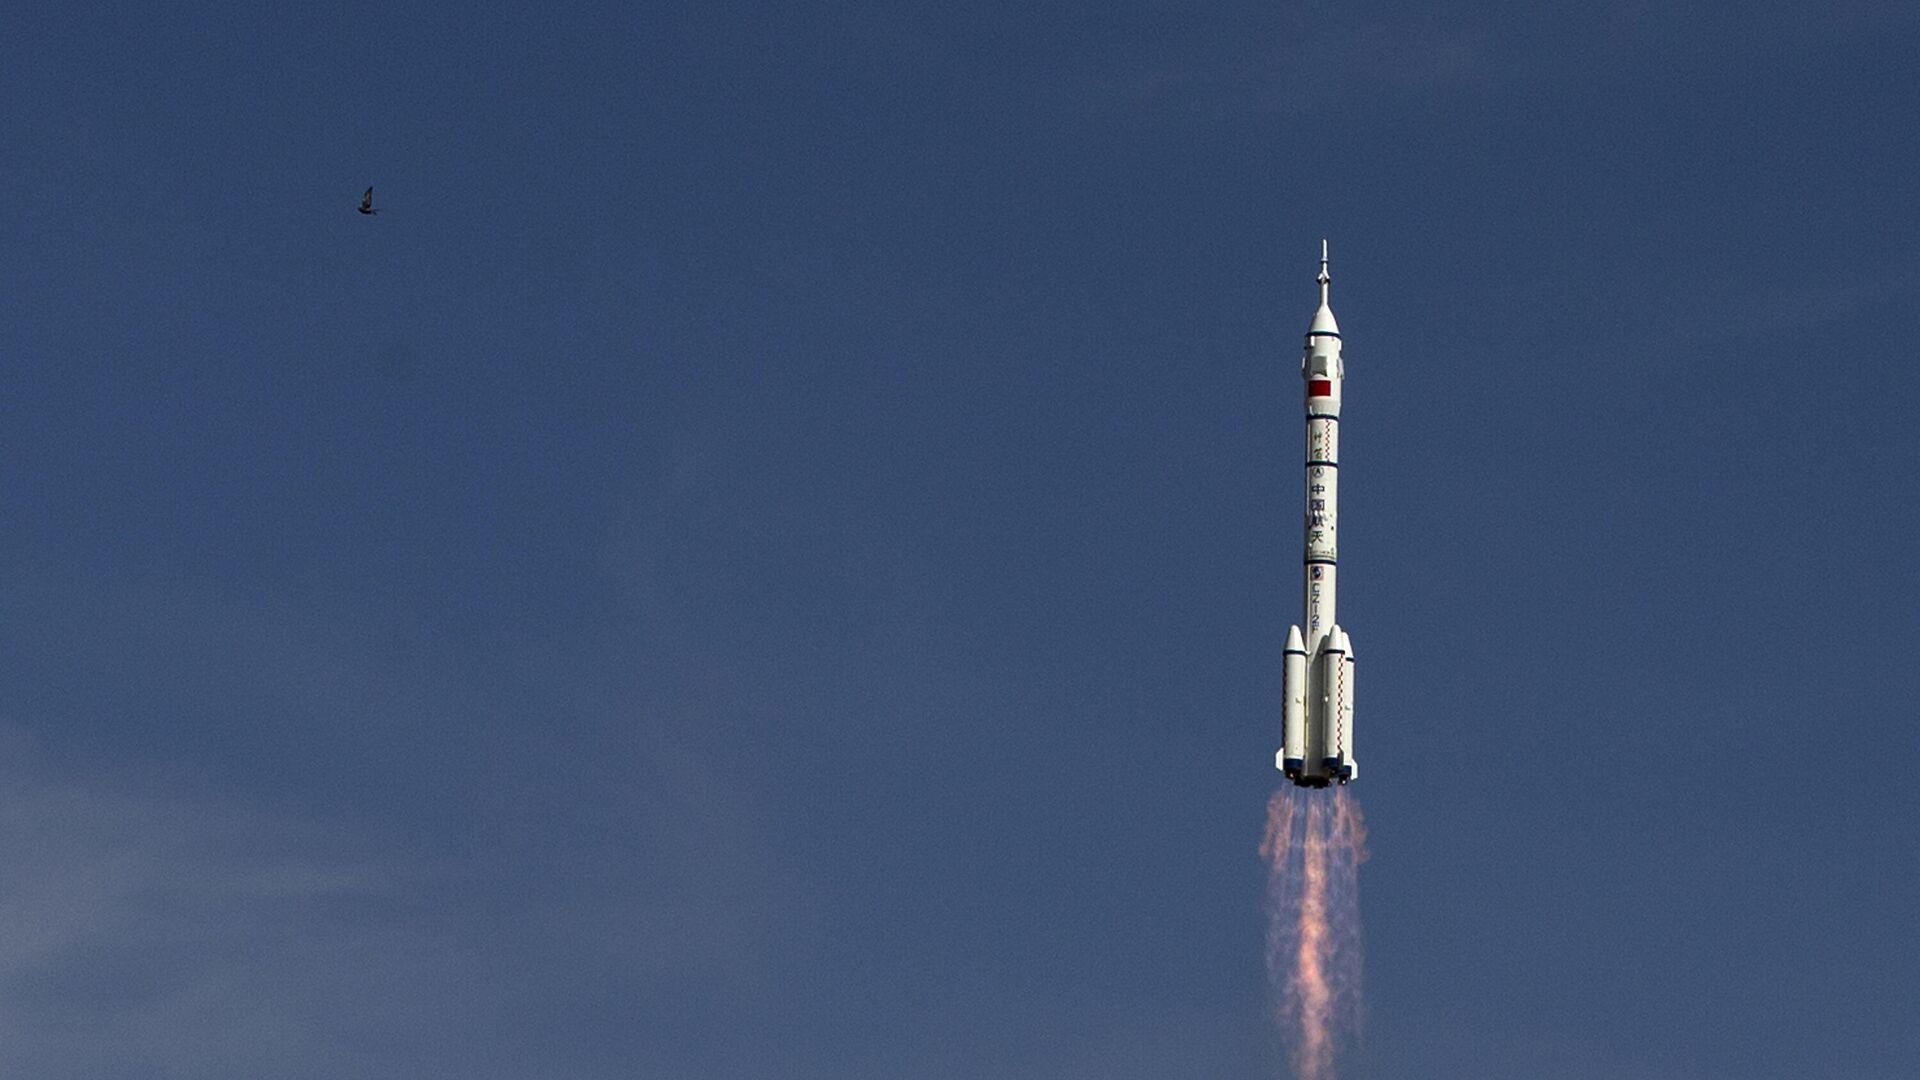 Старт ракеты-носителя Чанчжэн-2F c космодрома Цзюцюань, КНР - РИА Новости, 1920, 10.09.2020